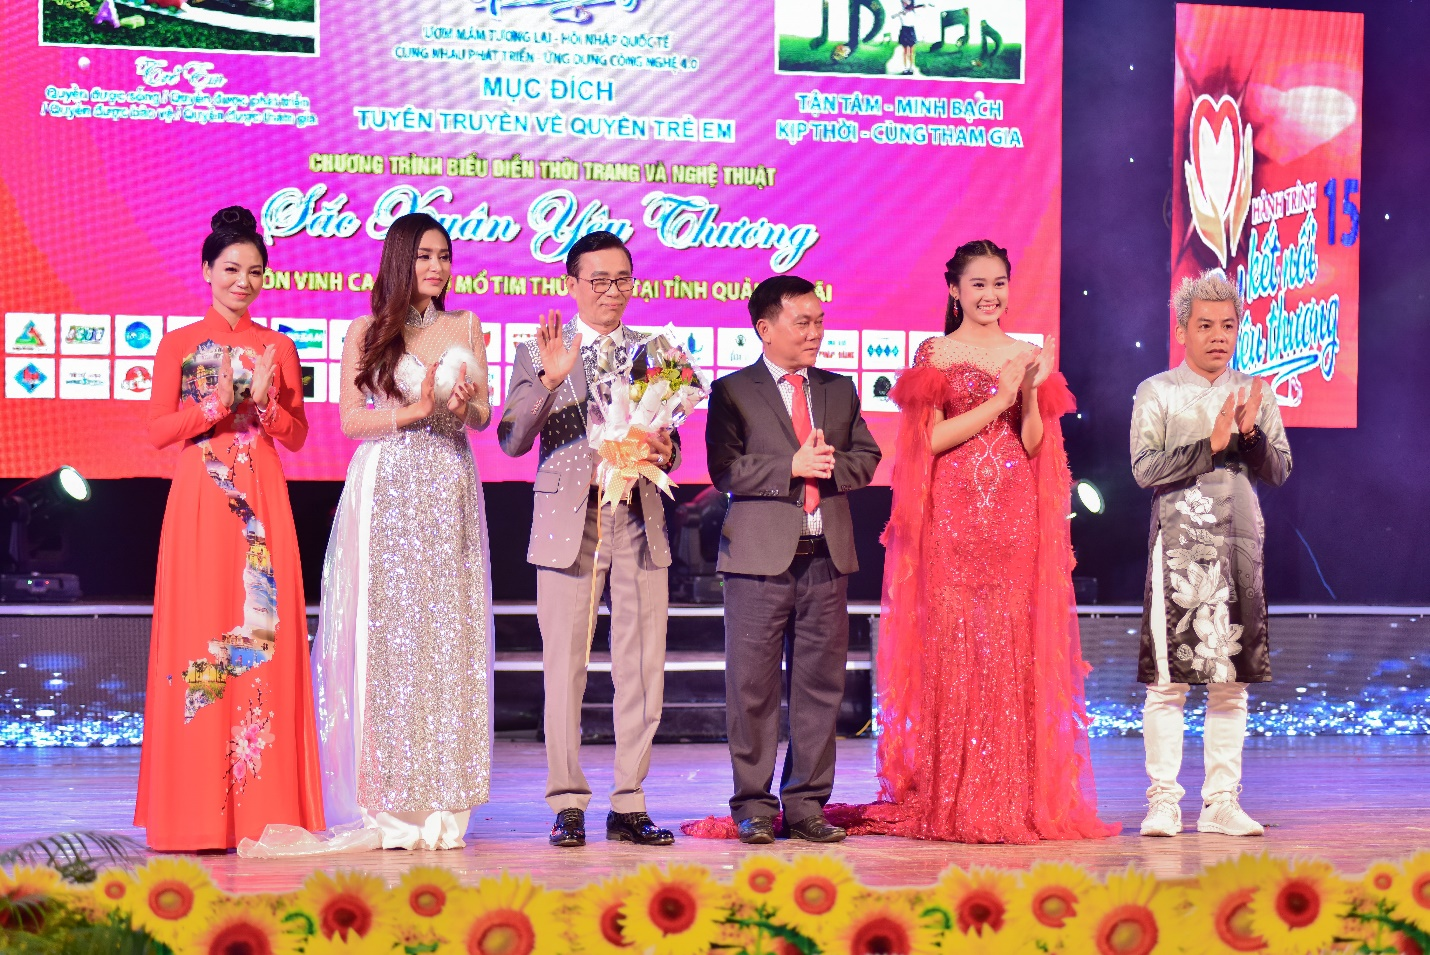 Lưu Lan Anh cùng Hành Trình Kết Nối Yêu Thương số 15 mang yêu thương đến Quảng Ngãi - Ảnh 6